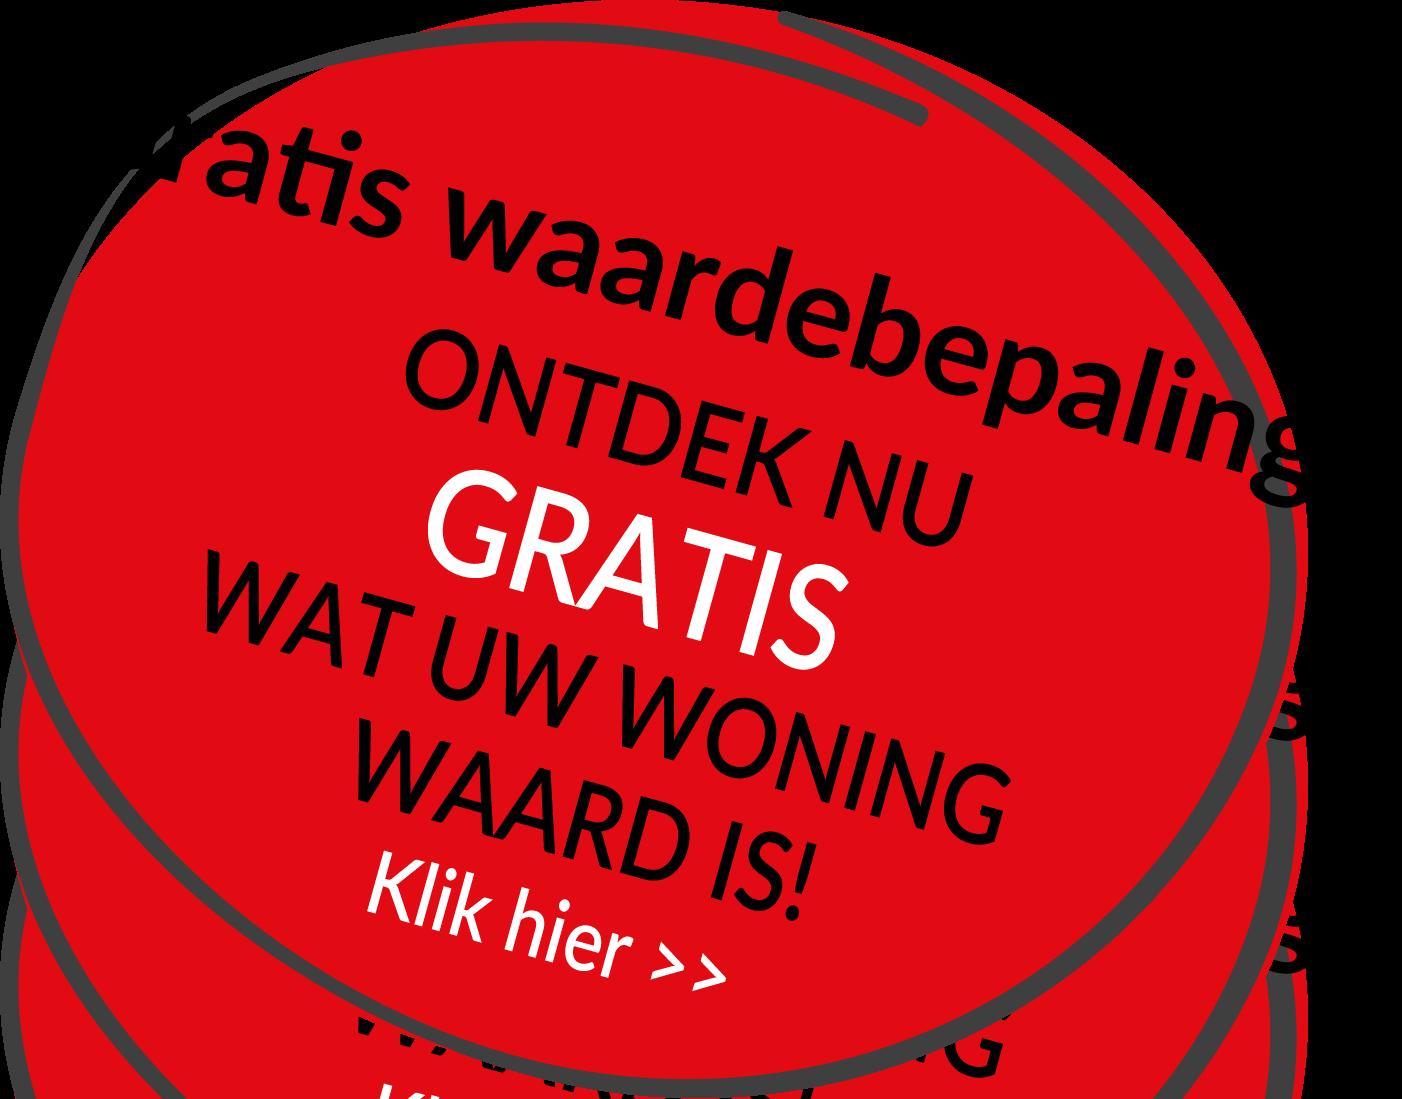 Gratis waardebepaling Amsterdam